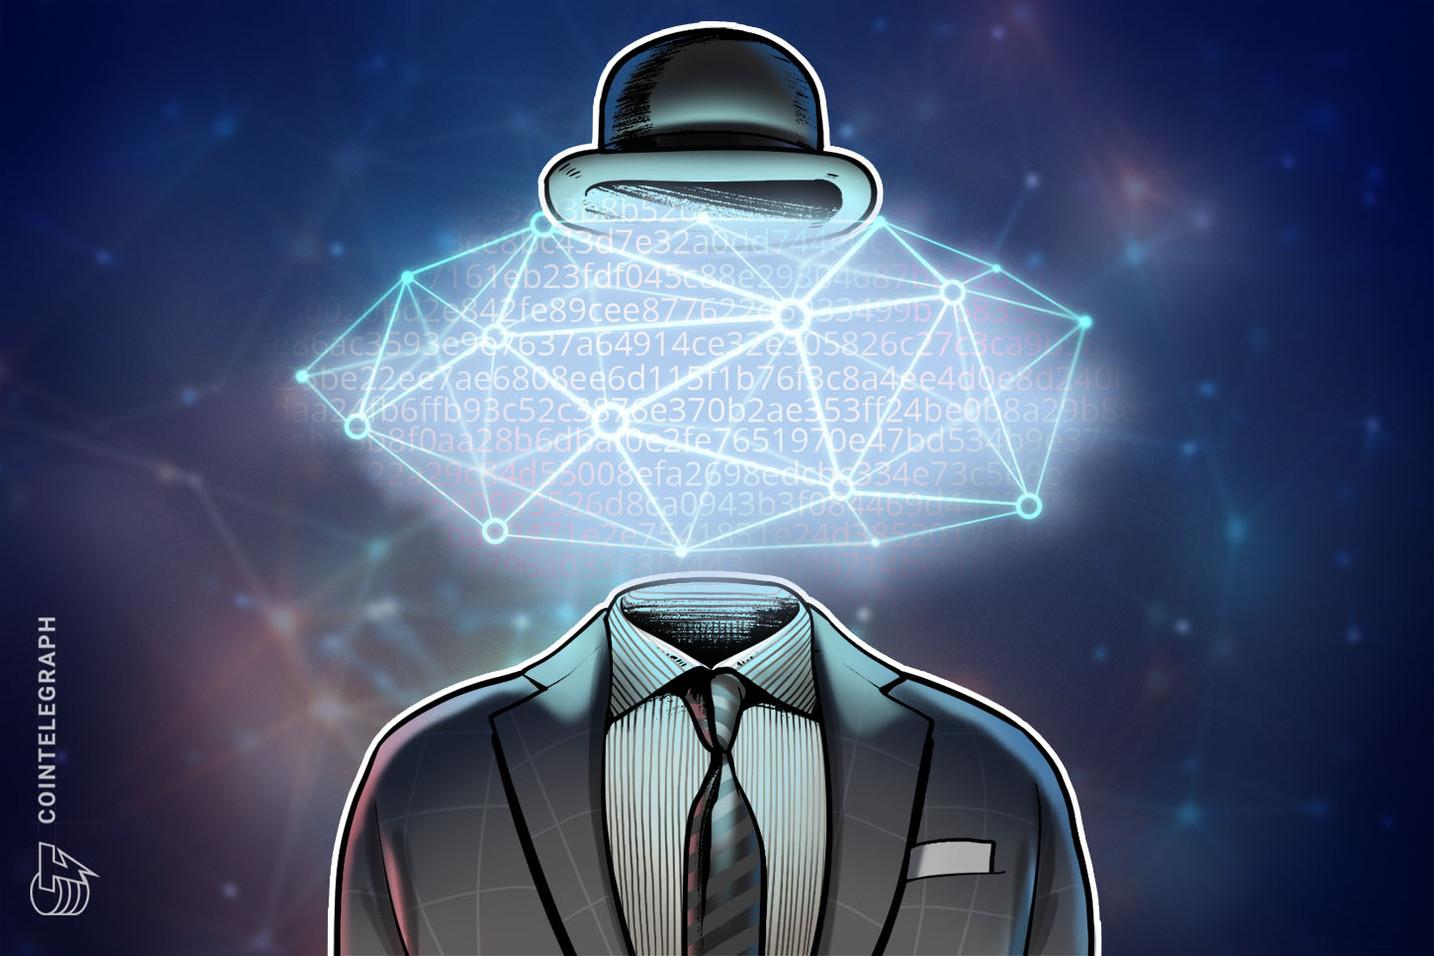 La agencia de sanciones de EE.UU., la OFAC, utilizará Chainalysis para intensificar sus esfuerzos de vigilancia de las transacciones blockchain